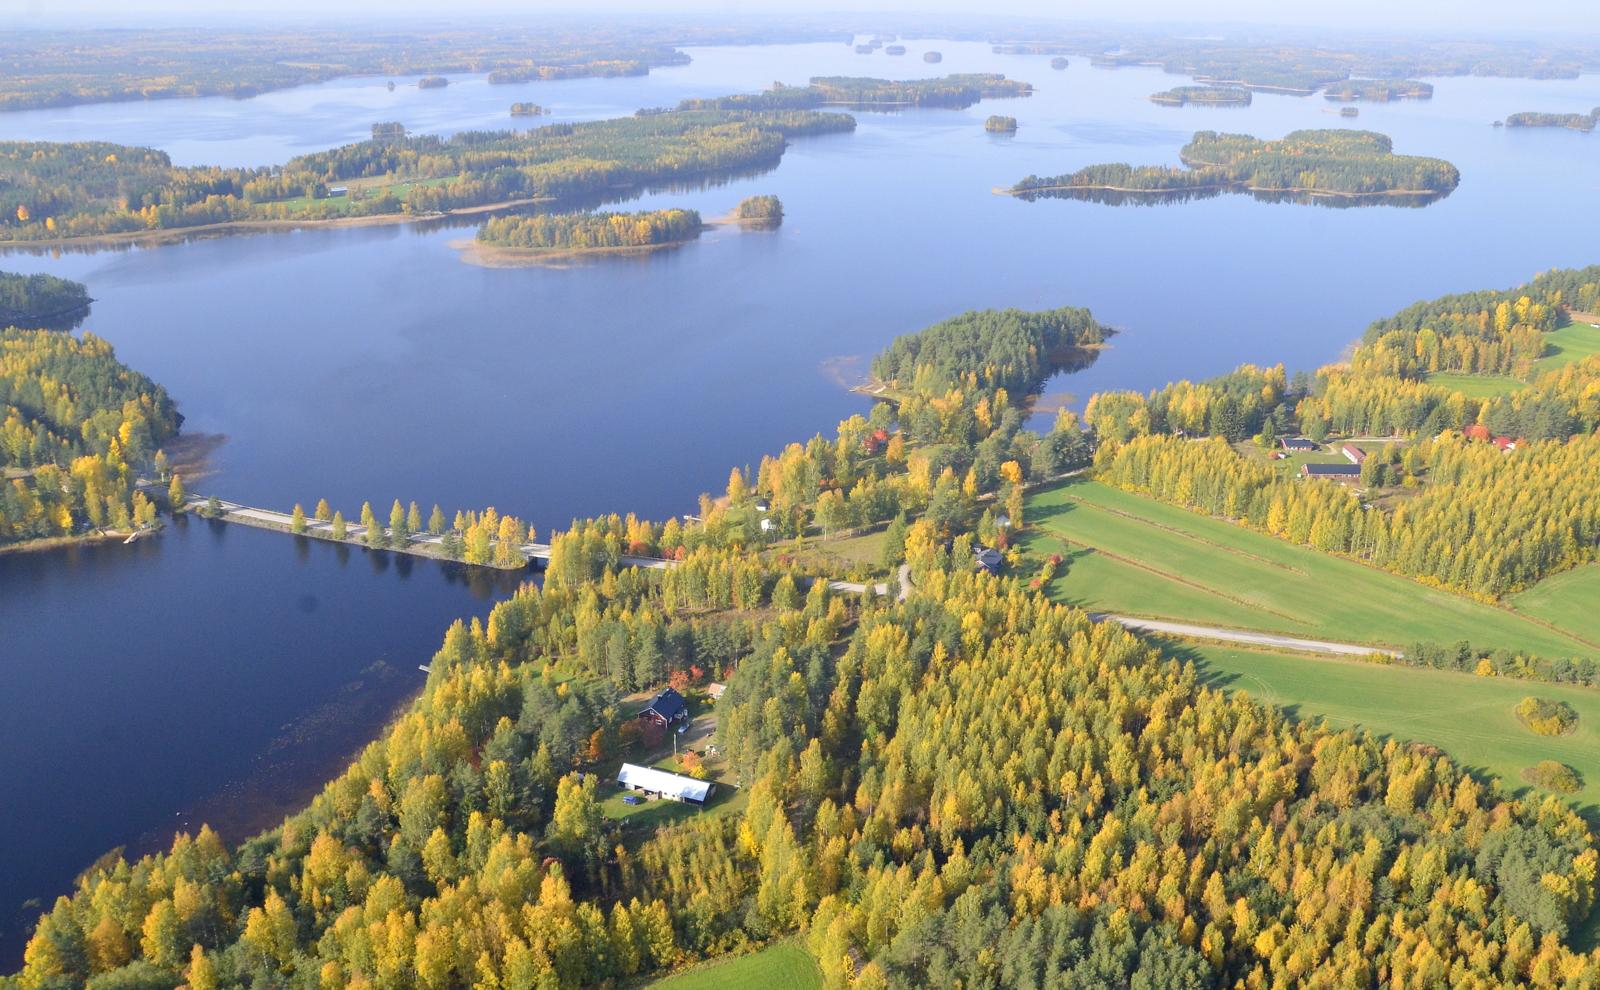 Järven selän takalaidalla on Hilmonlahti, jonne lennän seuraavan postauksen kuvissa.